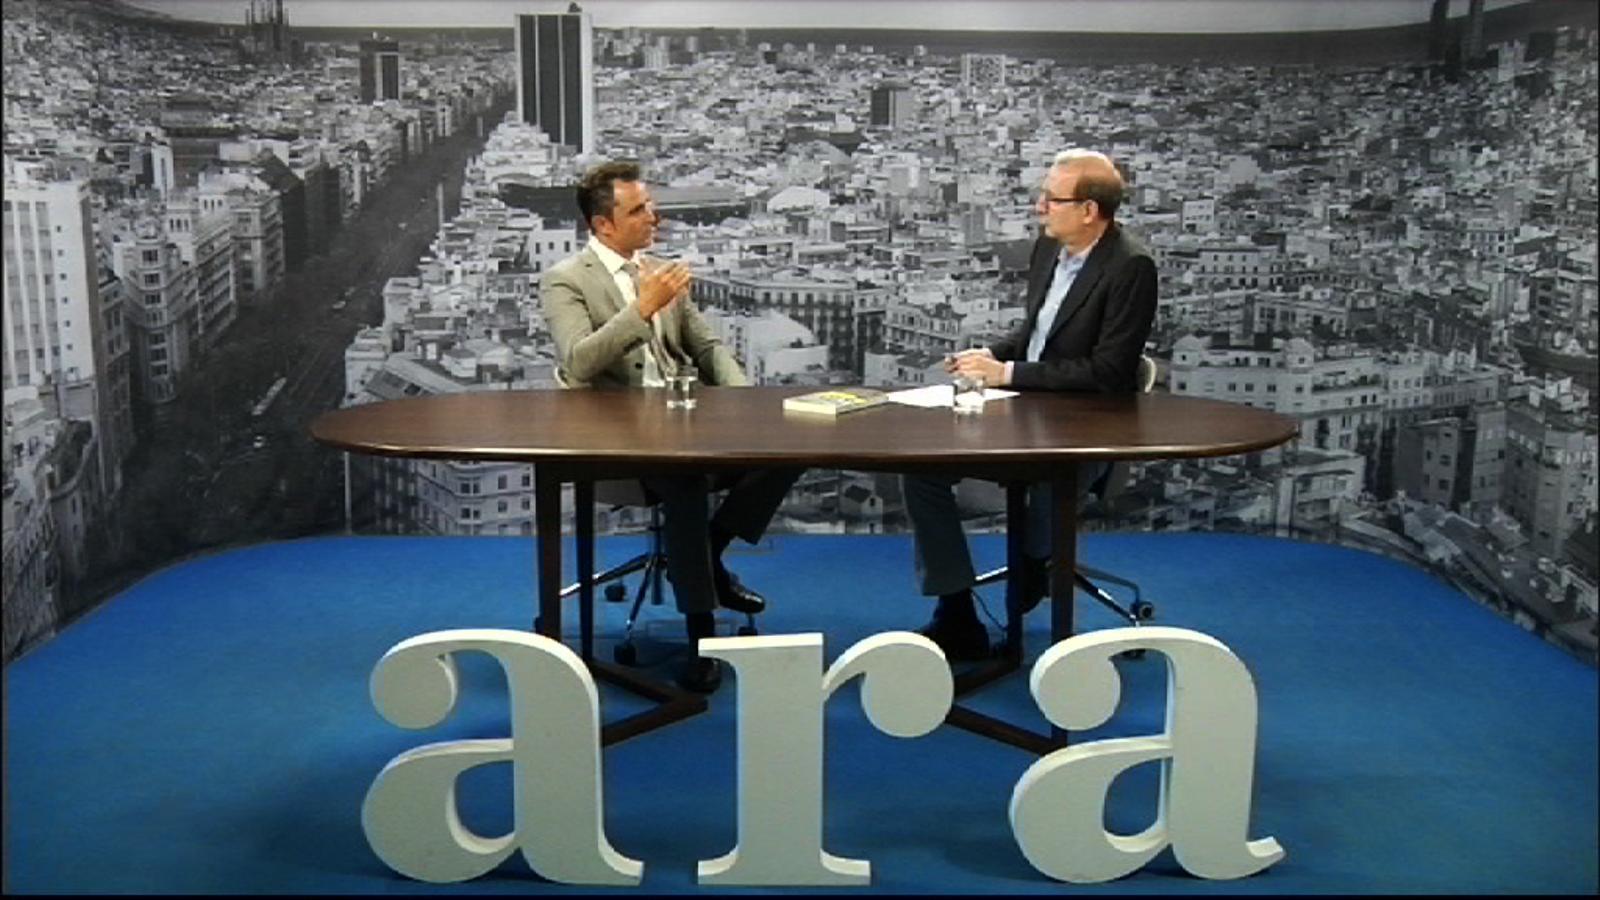 Entrevista d'Antoni Bassas a Hervé Falciani